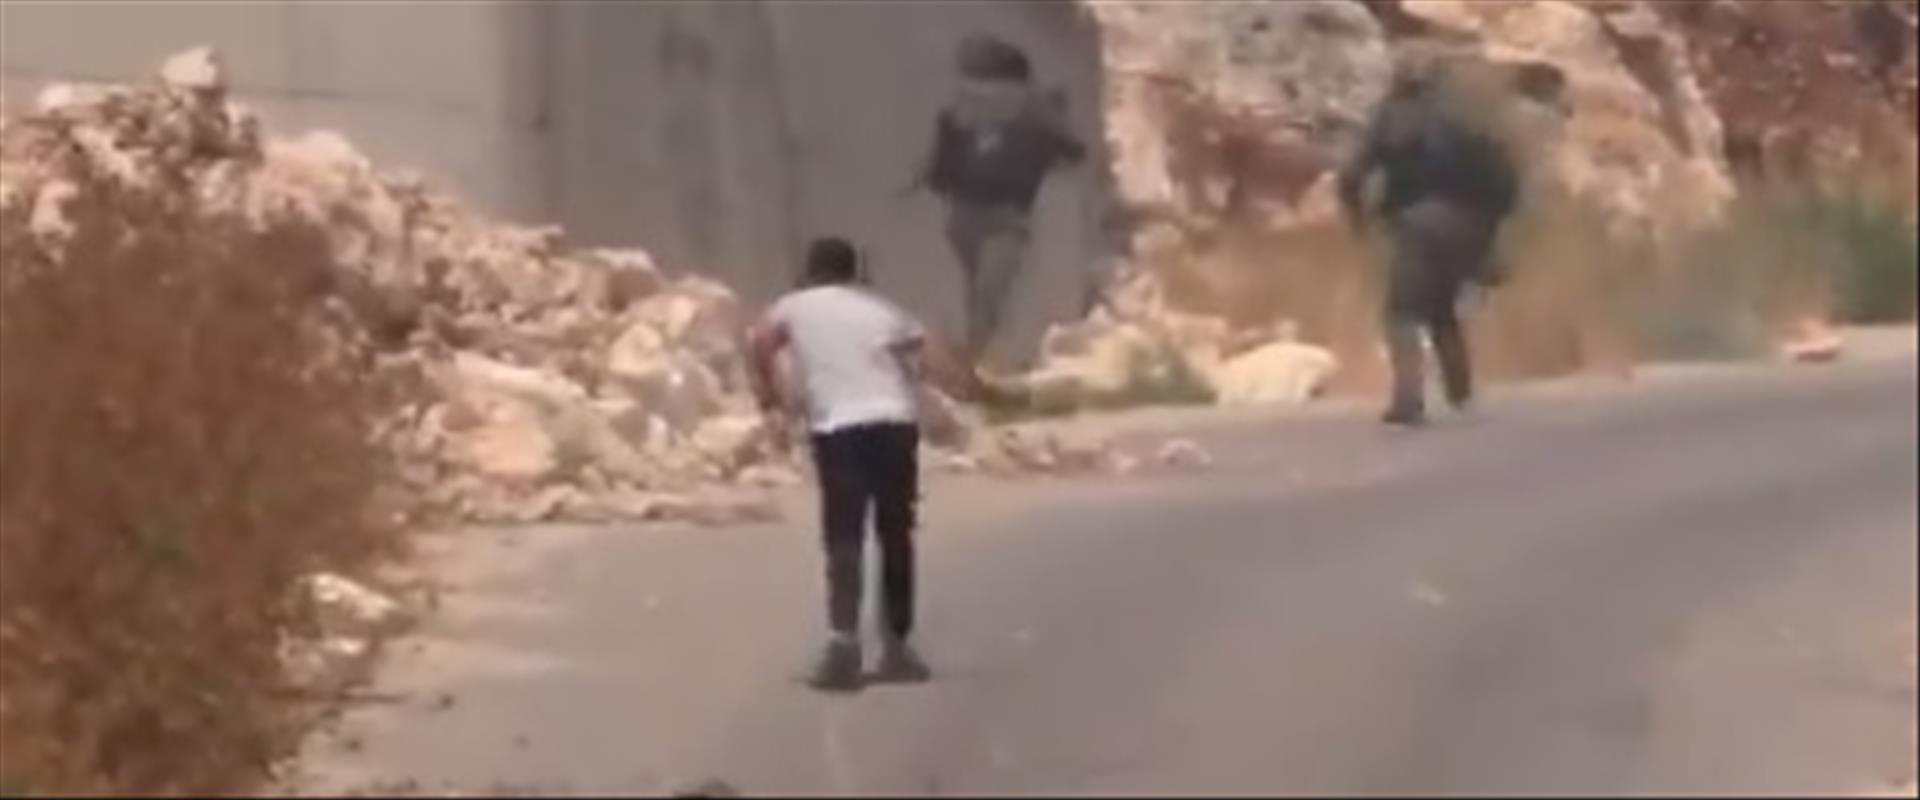 התיעוד הפלסטיני של חיילים נמלטים ממיידי אבנים